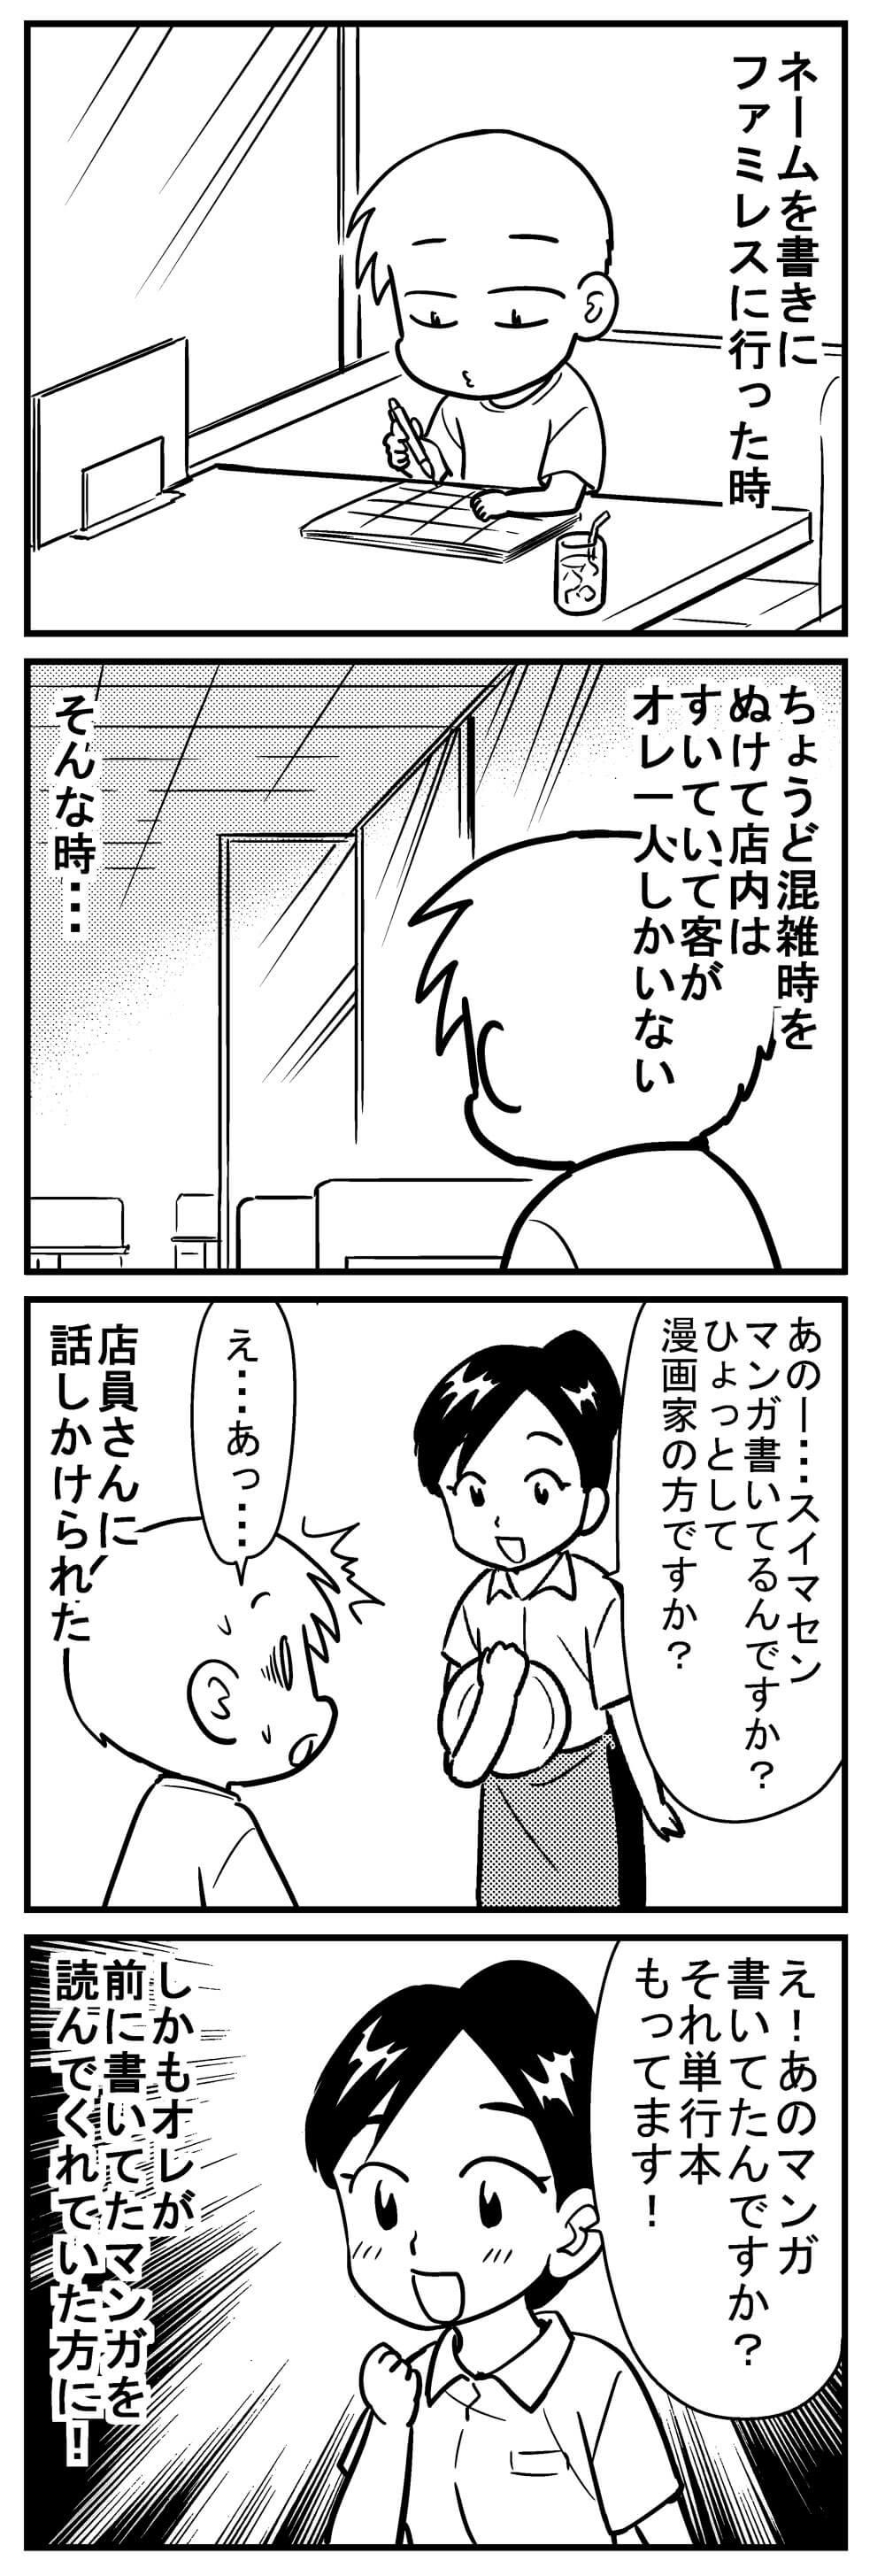 深読みくん151-1